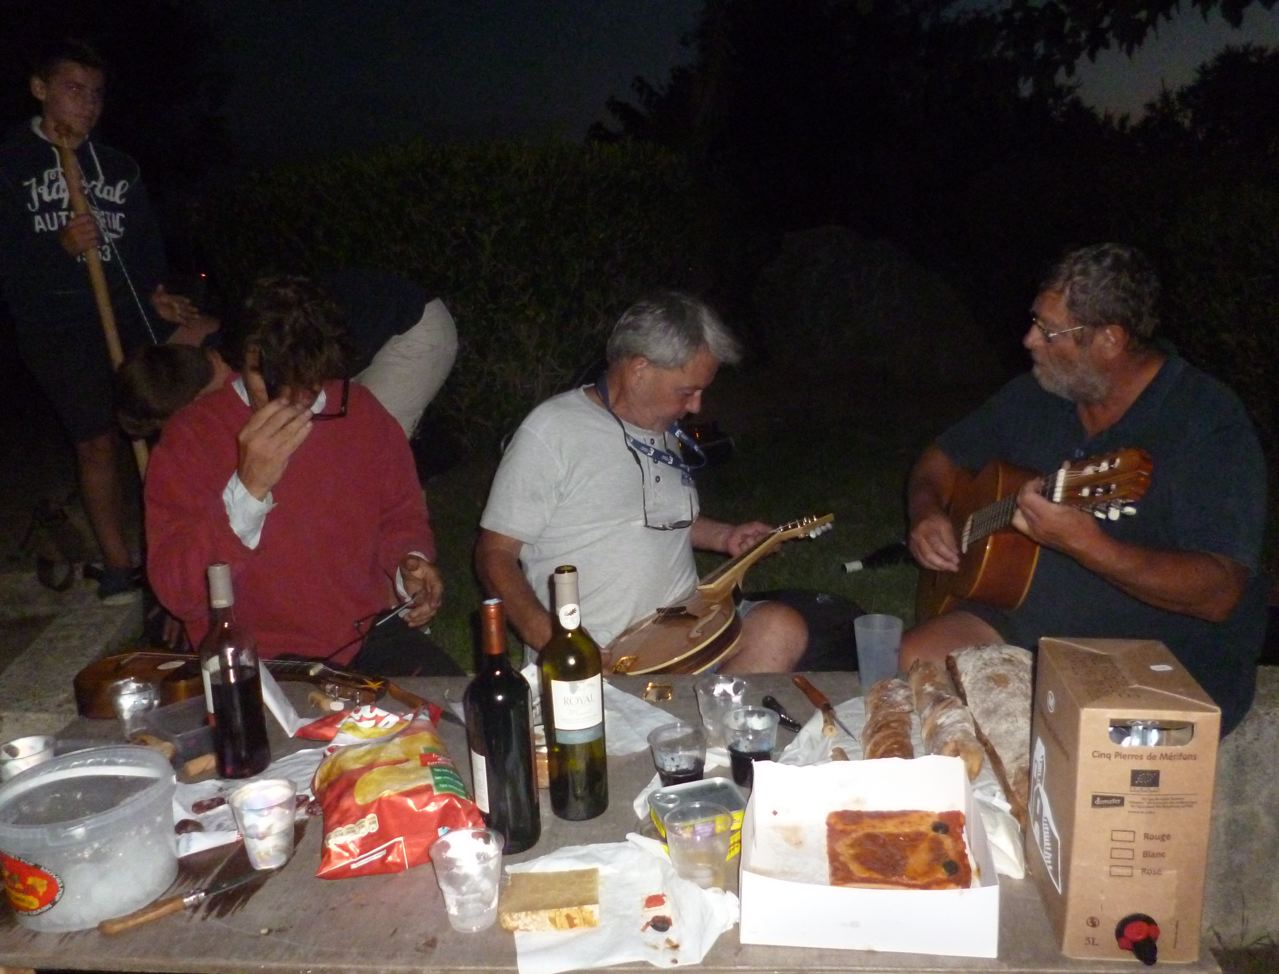 Grand Festu Vers l'infini et Aude là, Saison 2 : 20 et 21 septembre 2014 - Page 3 453172P1010953